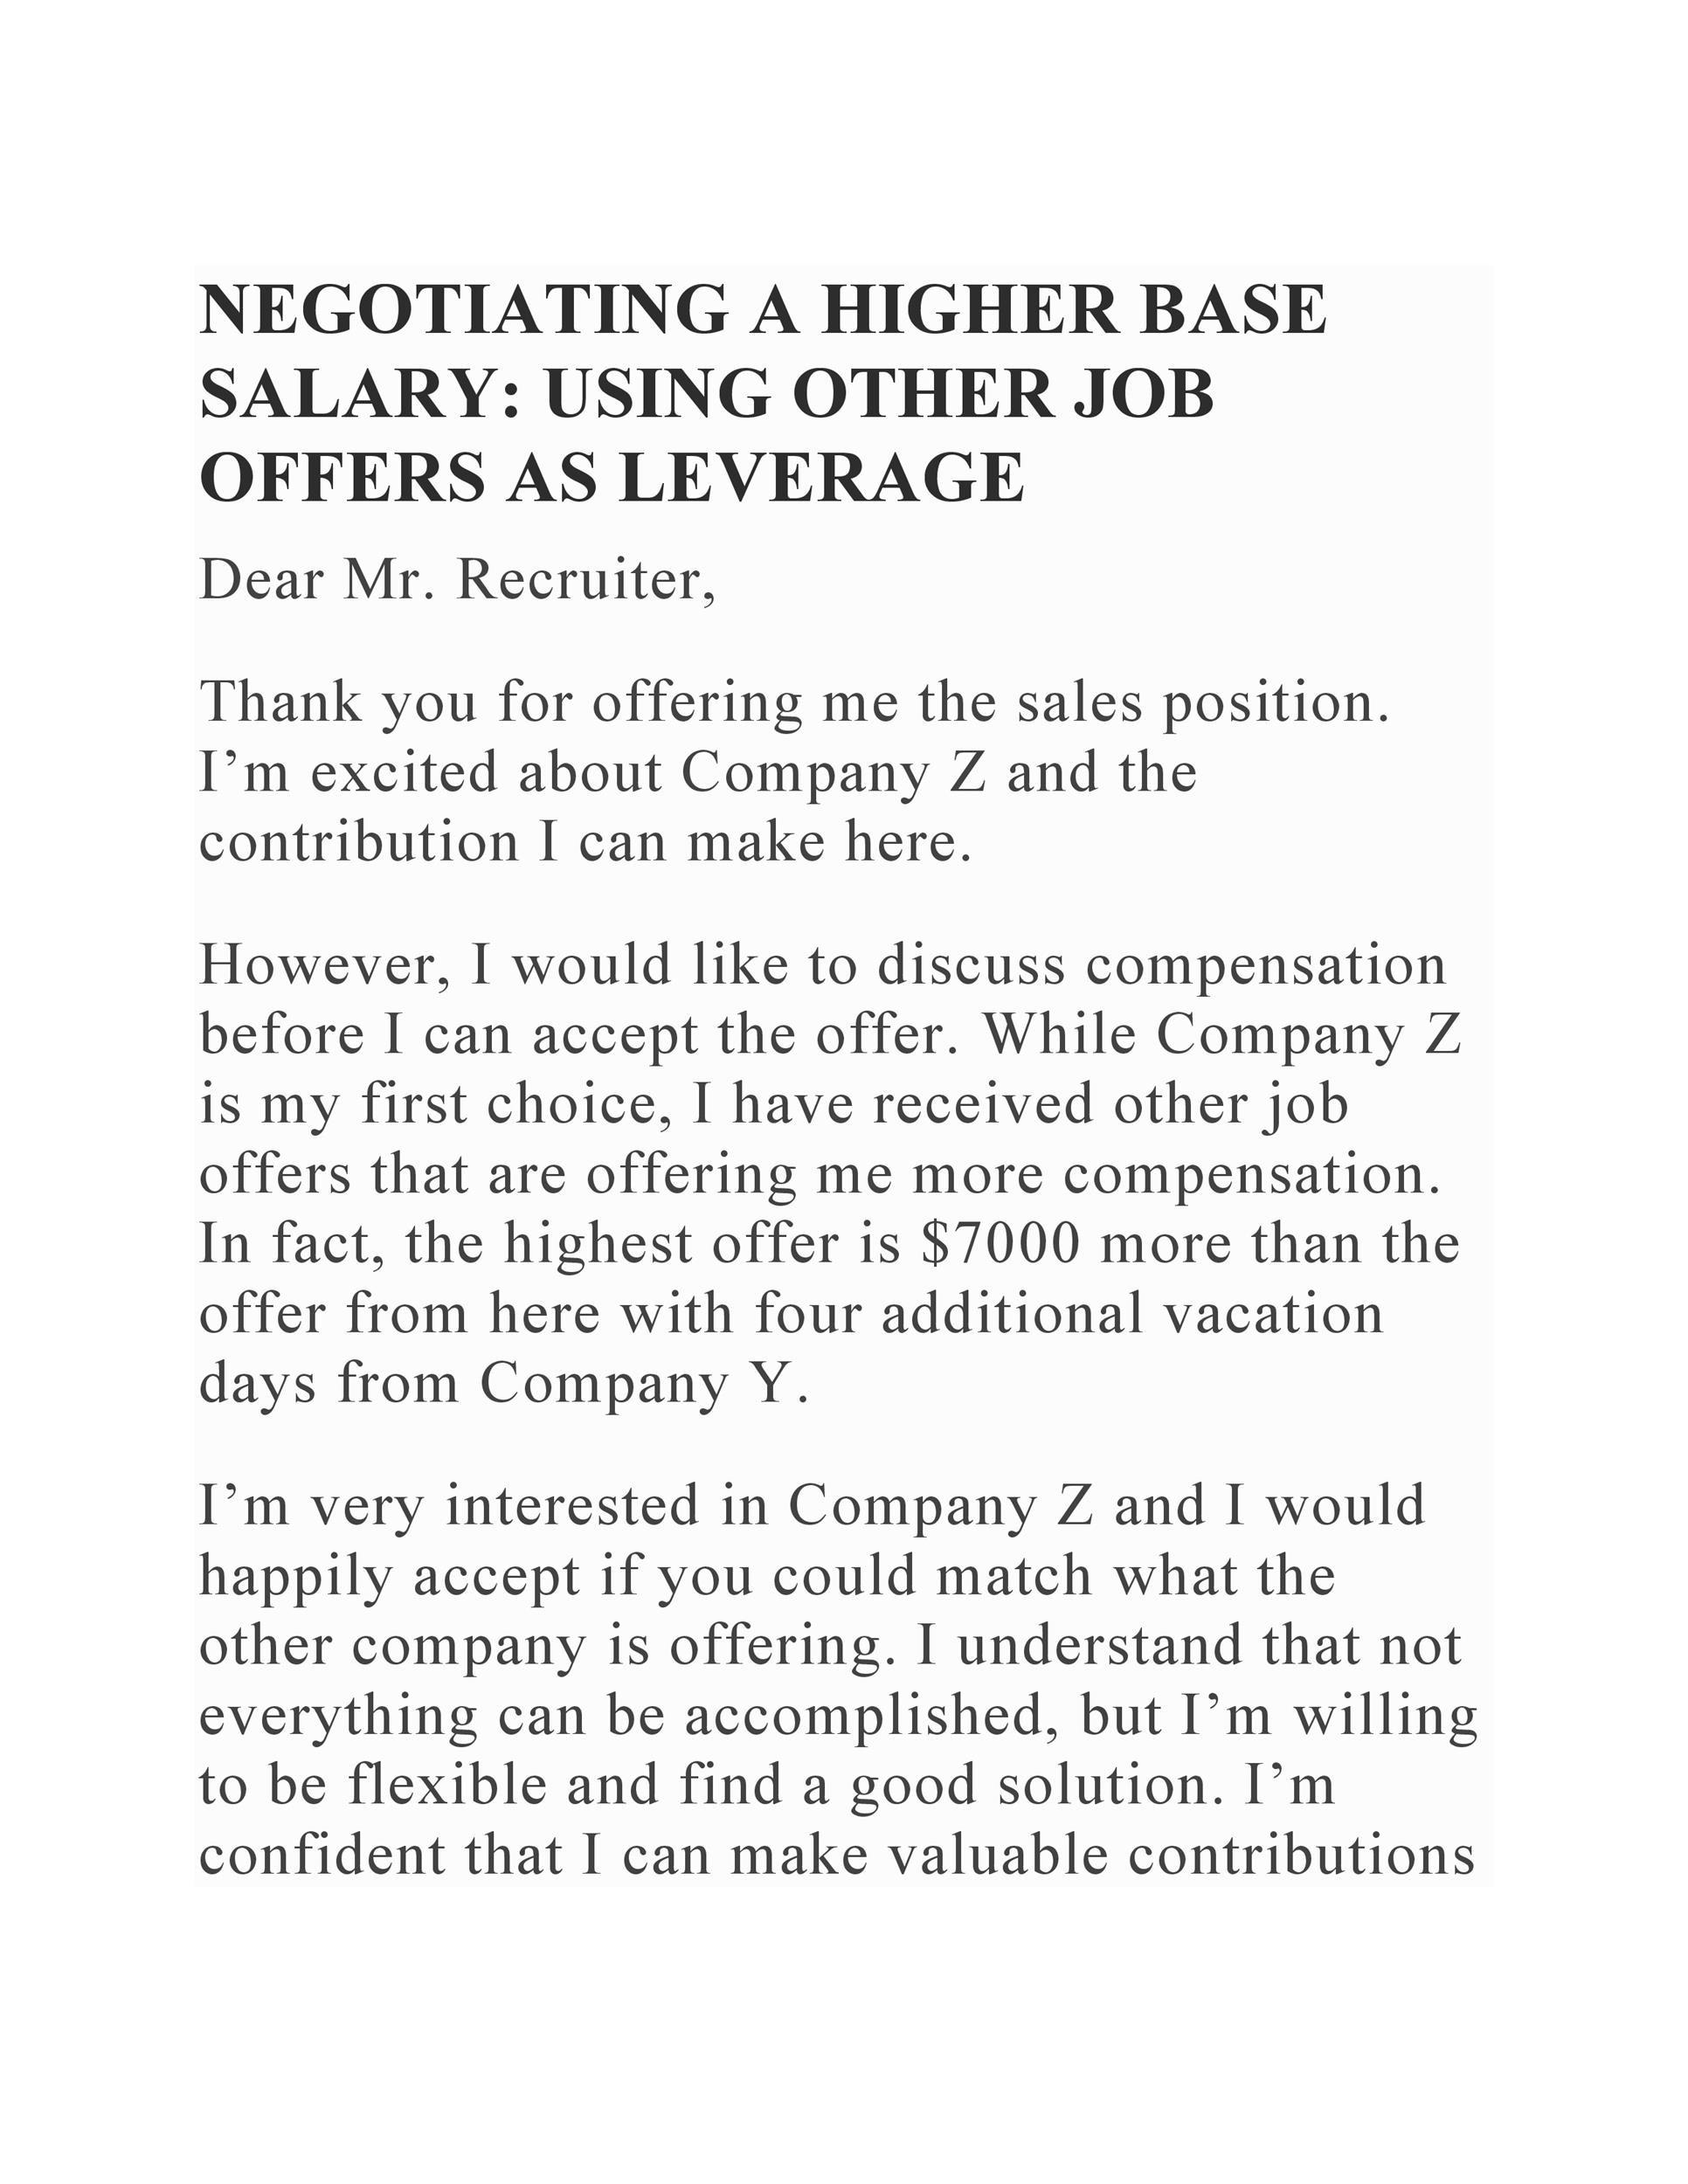 Lettre gratuite sur les négociations salariales 12